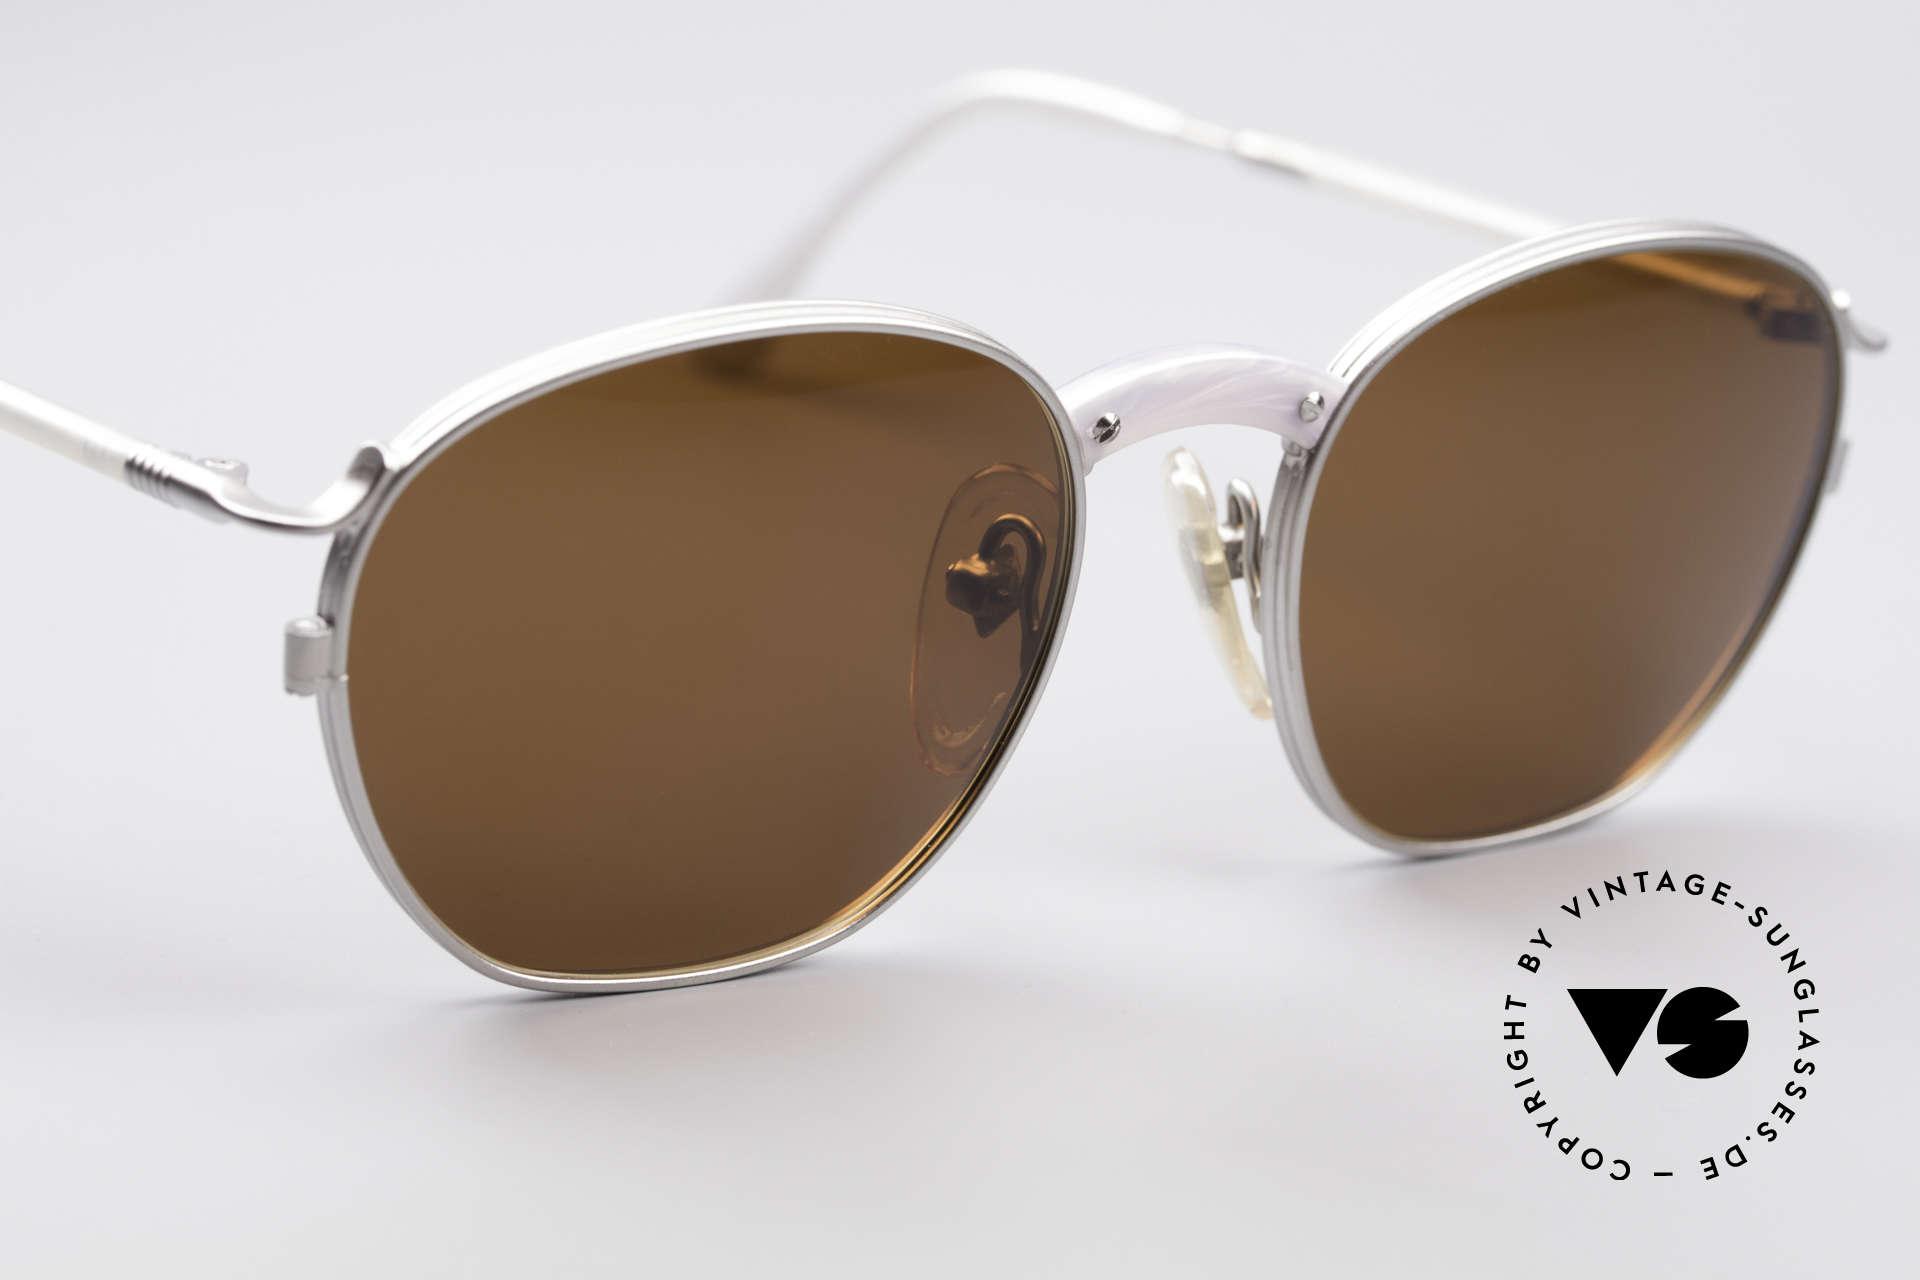 Jean Paul Gaultier 55-1271 JPG Vintage Sonnenbrille, unbenutzt (wie alle unsere vintage JPG Sonnenbrillen), Passend für Herren und Damen